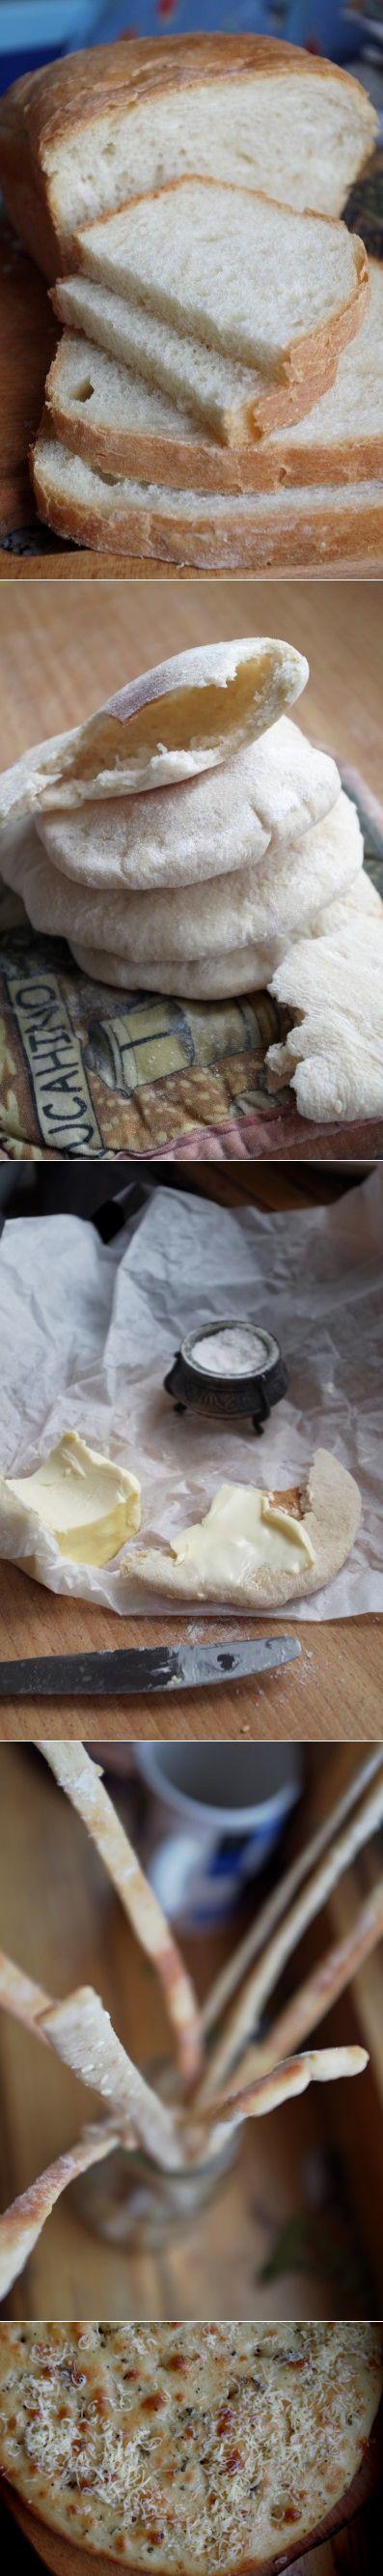 Из одного теста. Хлеб, питы, чипсы, фокачча. - lenkazhestyanka